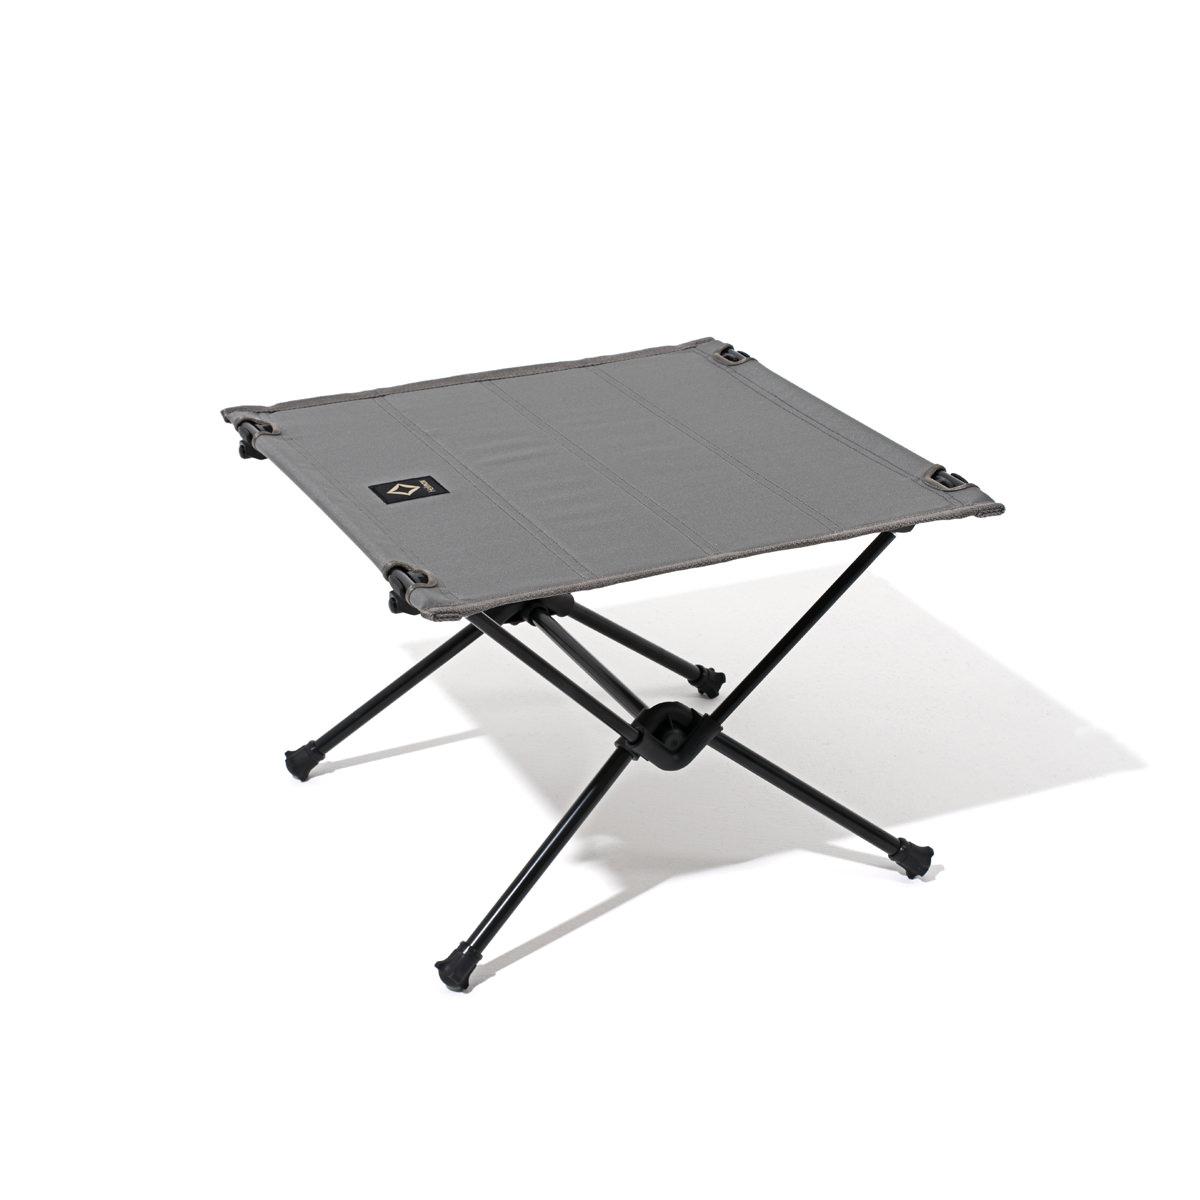 Helinox(ヘリノックス)/タクティカル テーブル S / フォリッジ